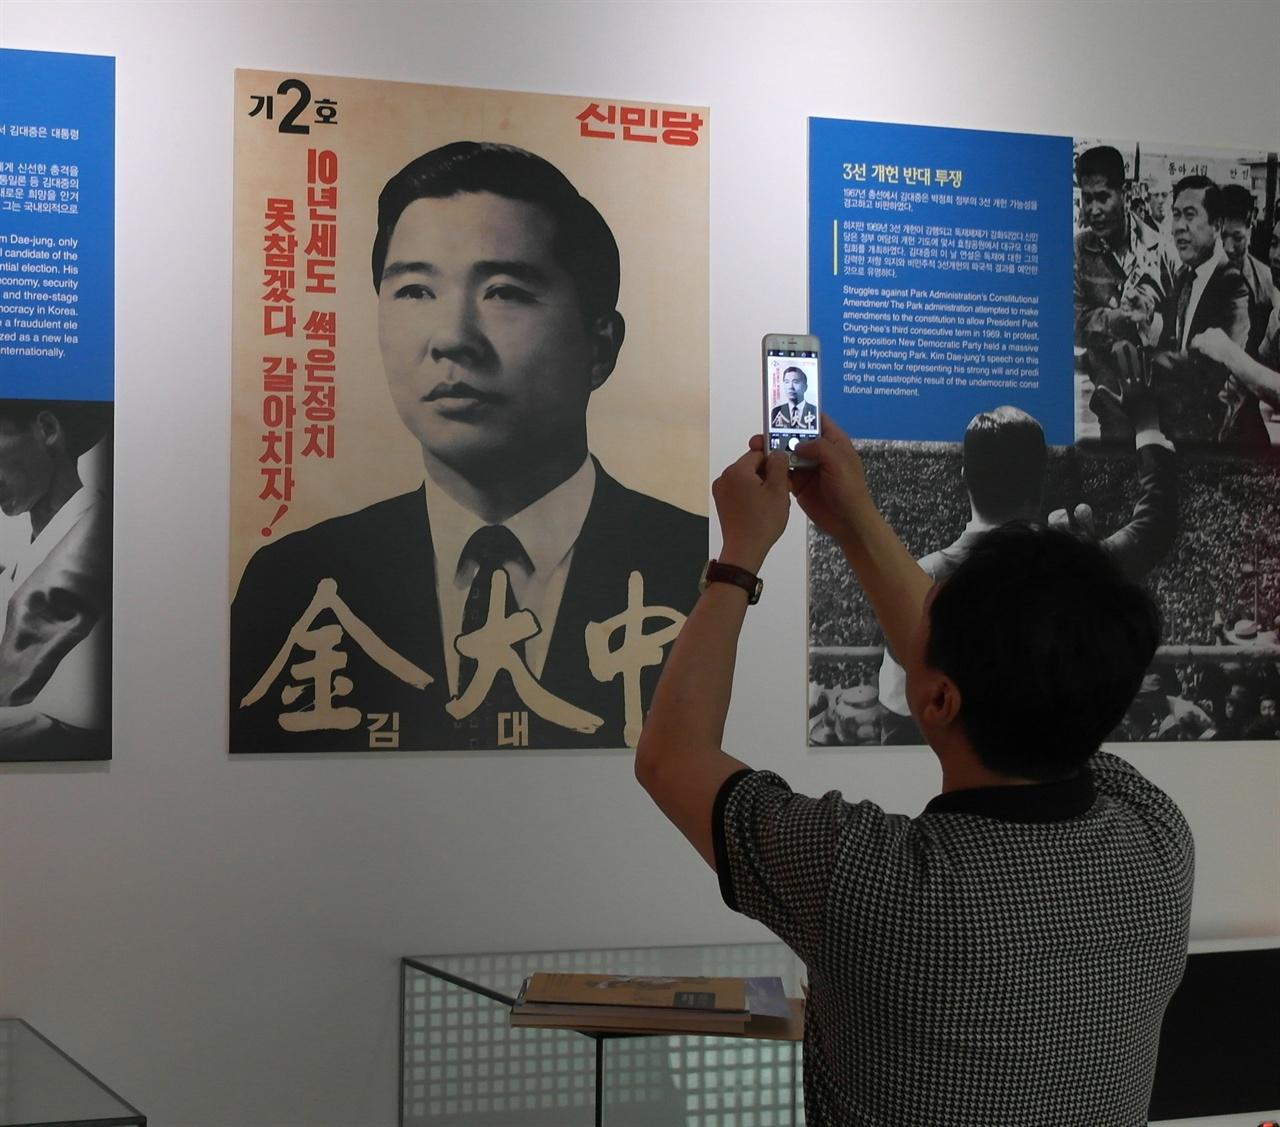 1971년 대선 포스터를 카메라에 담는 임성용 대표